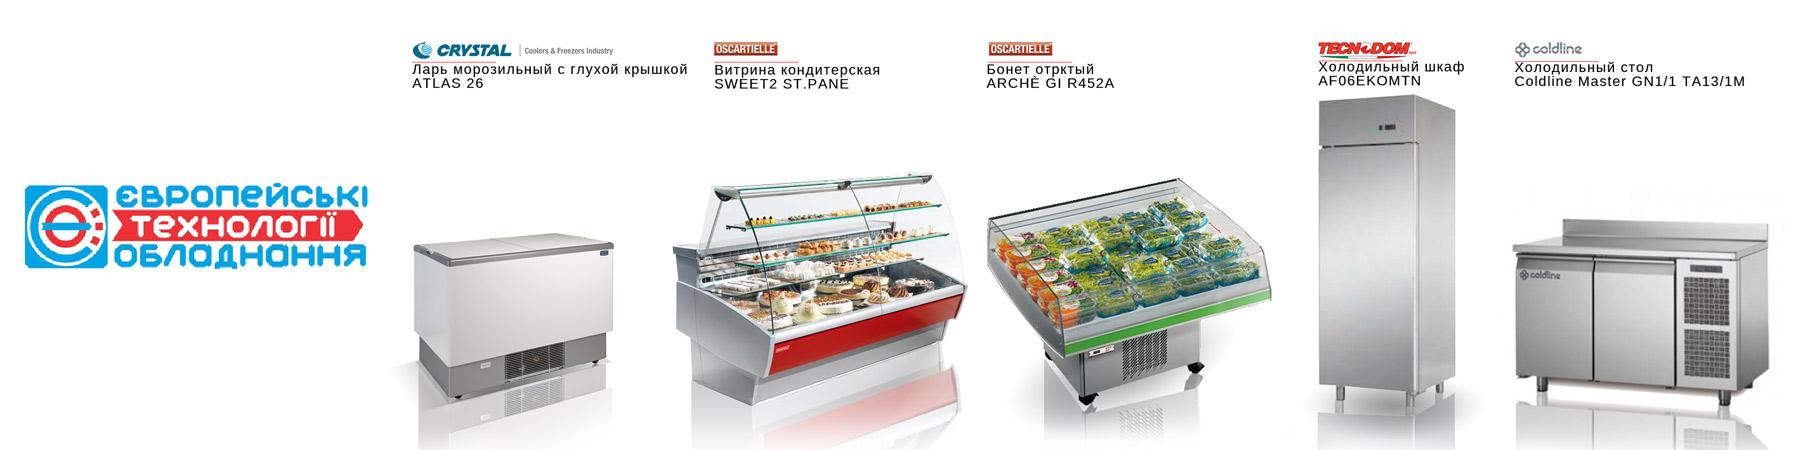 Холодильное оборудование для магазинов и супермаркетов